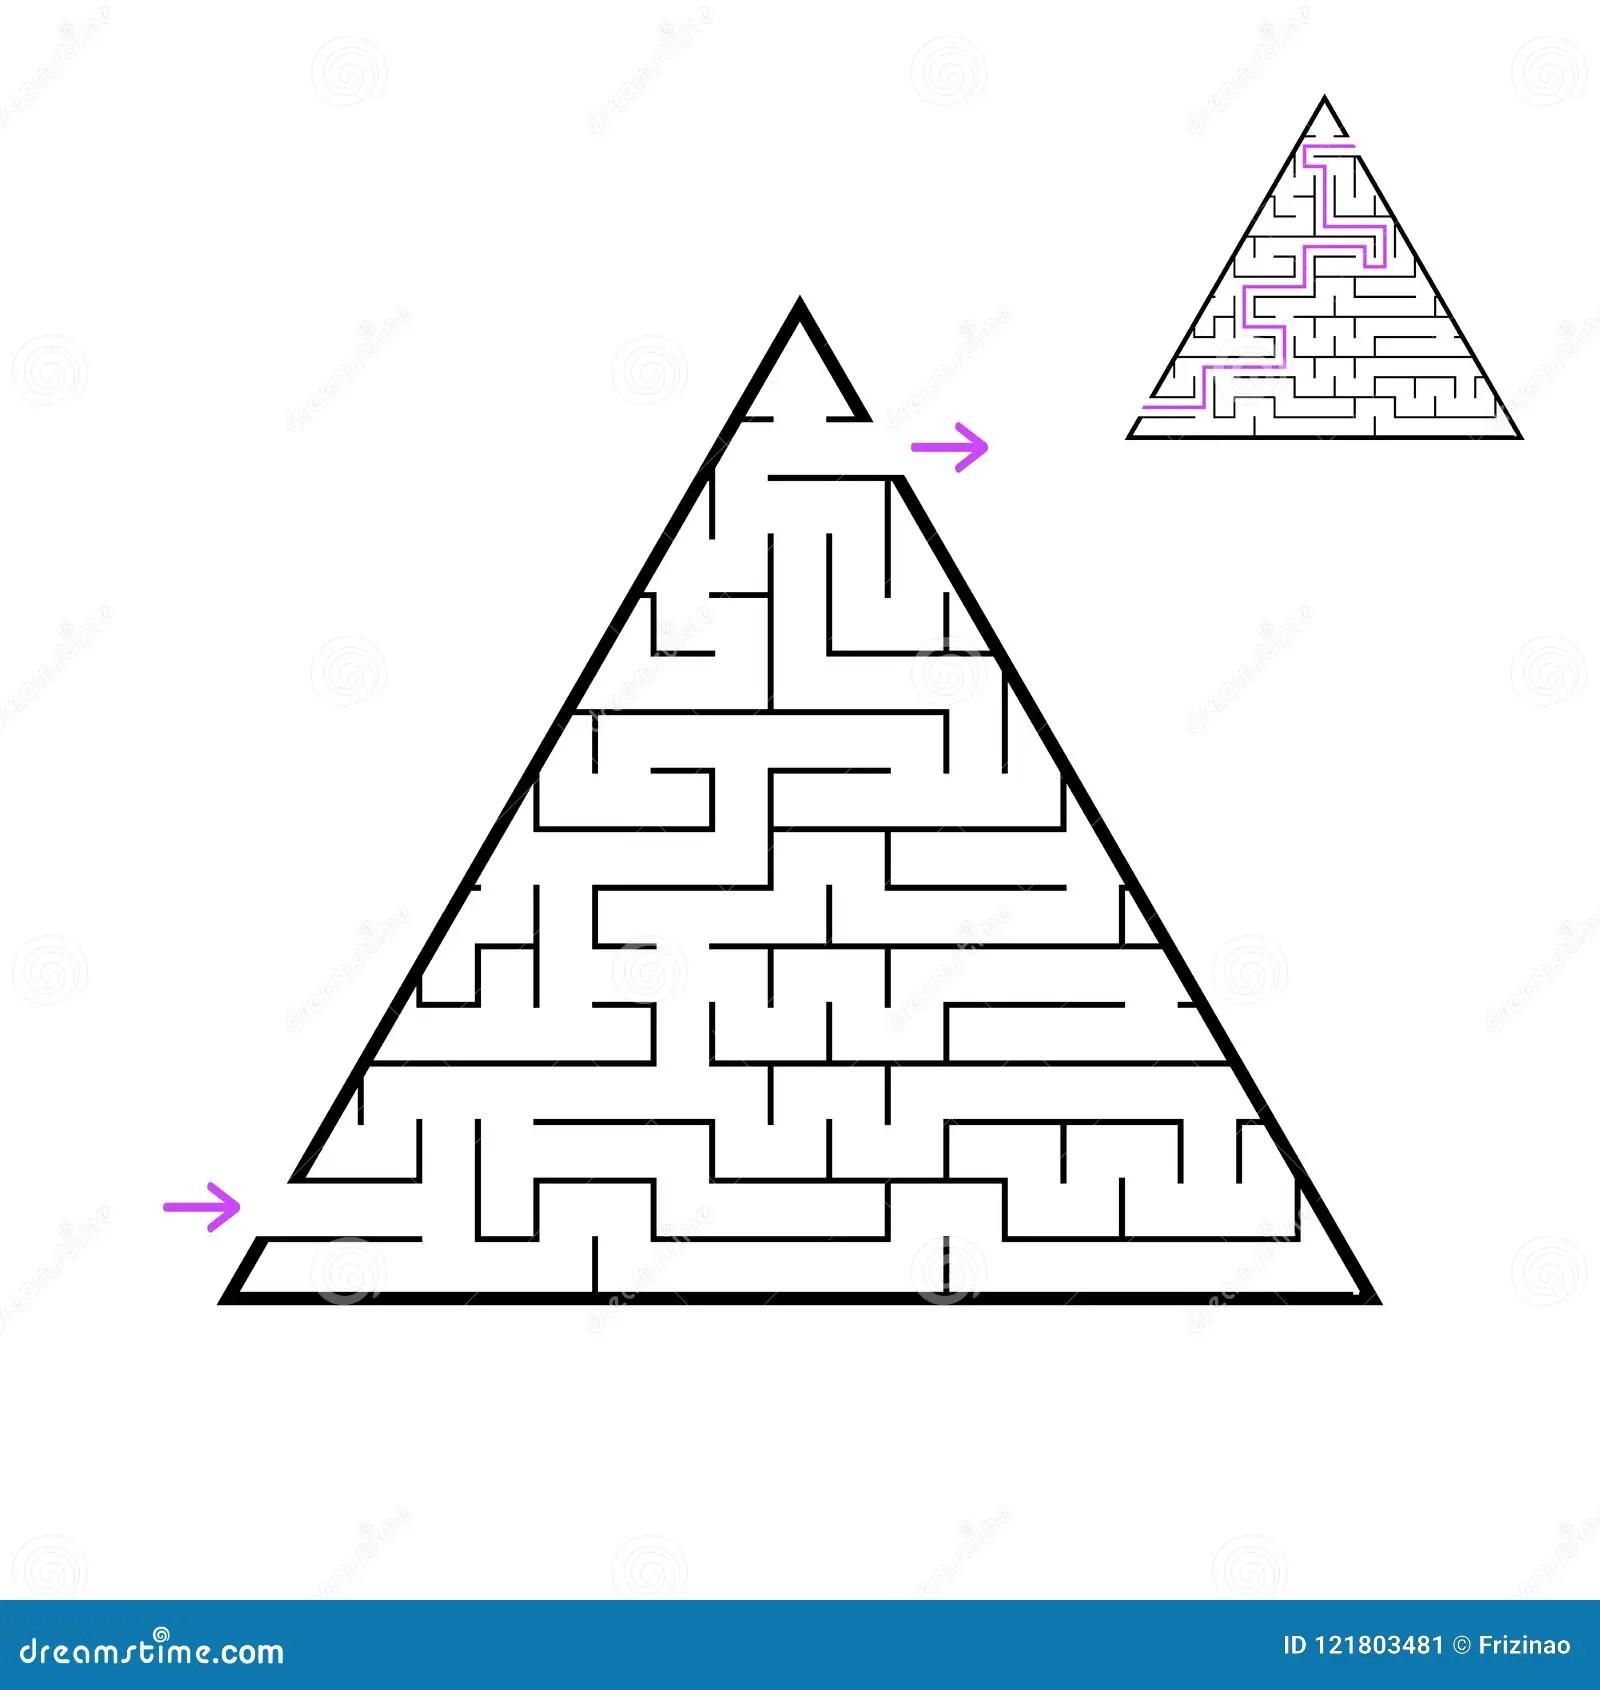 A Triangular Labyrinth A Pyramid With A Black Stroke A